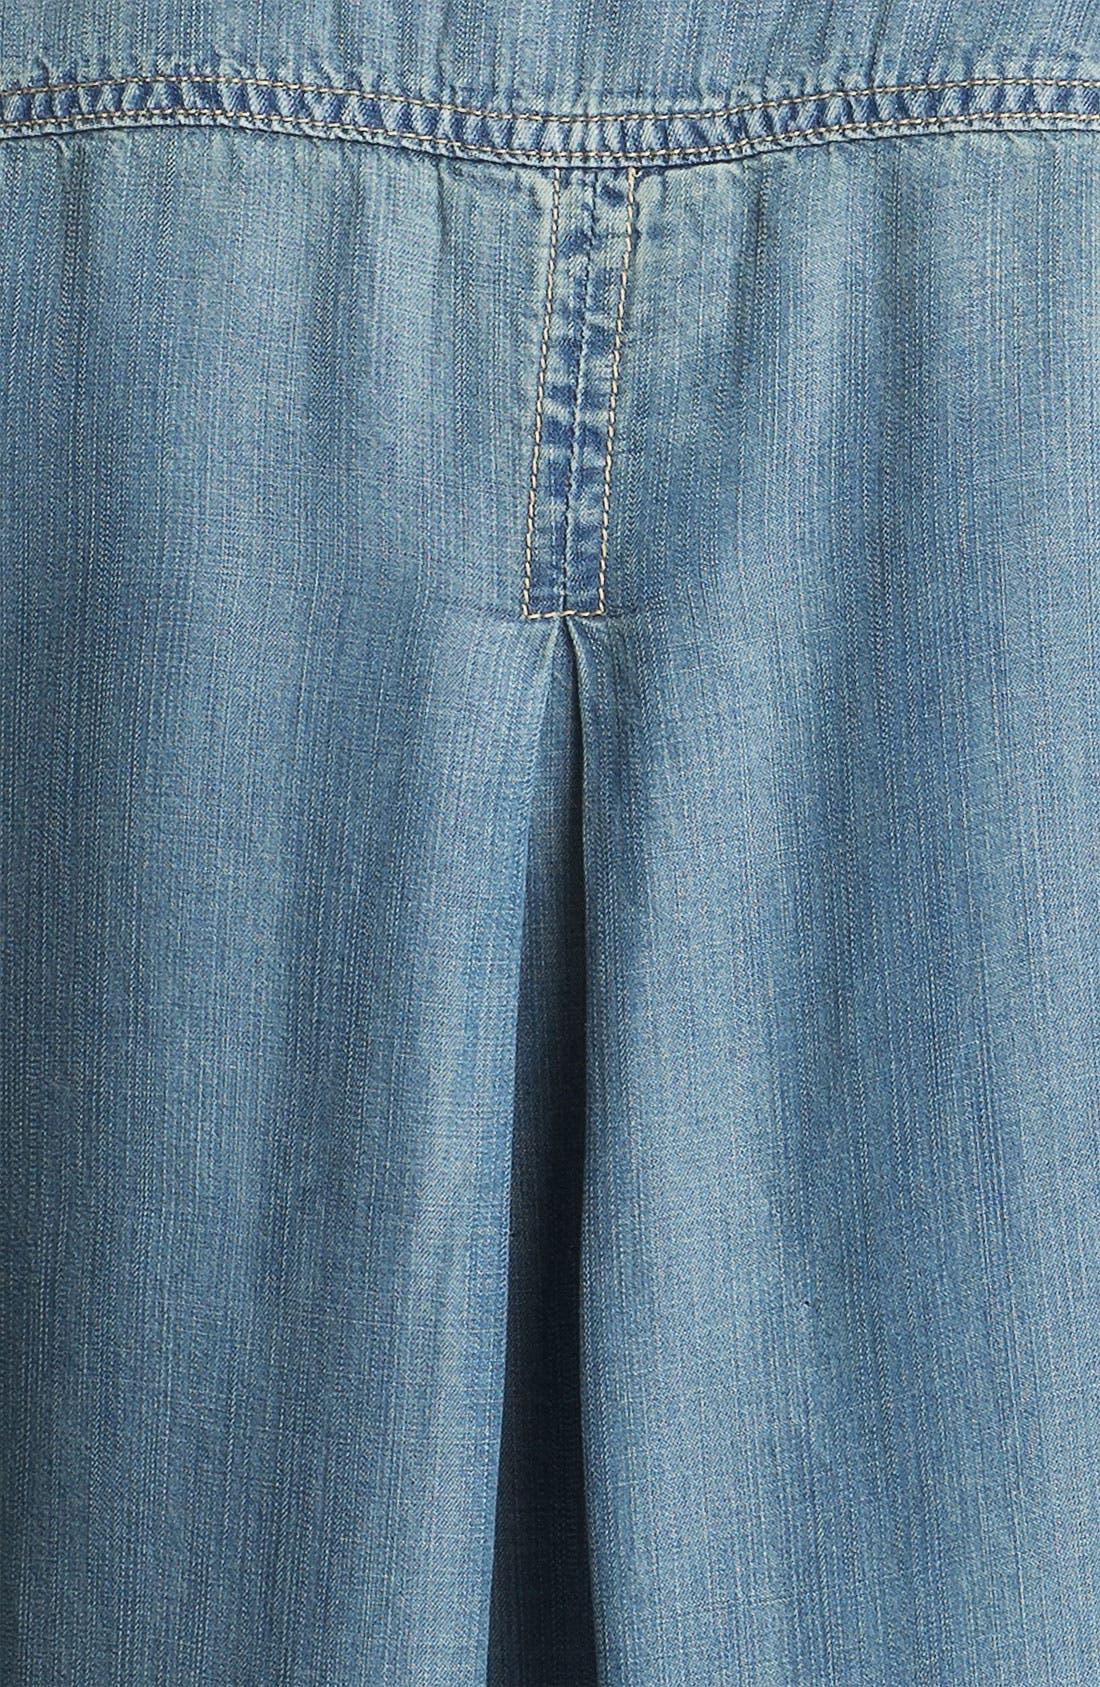 Alternate Image 3  - Side Stitch Chambray Shirt